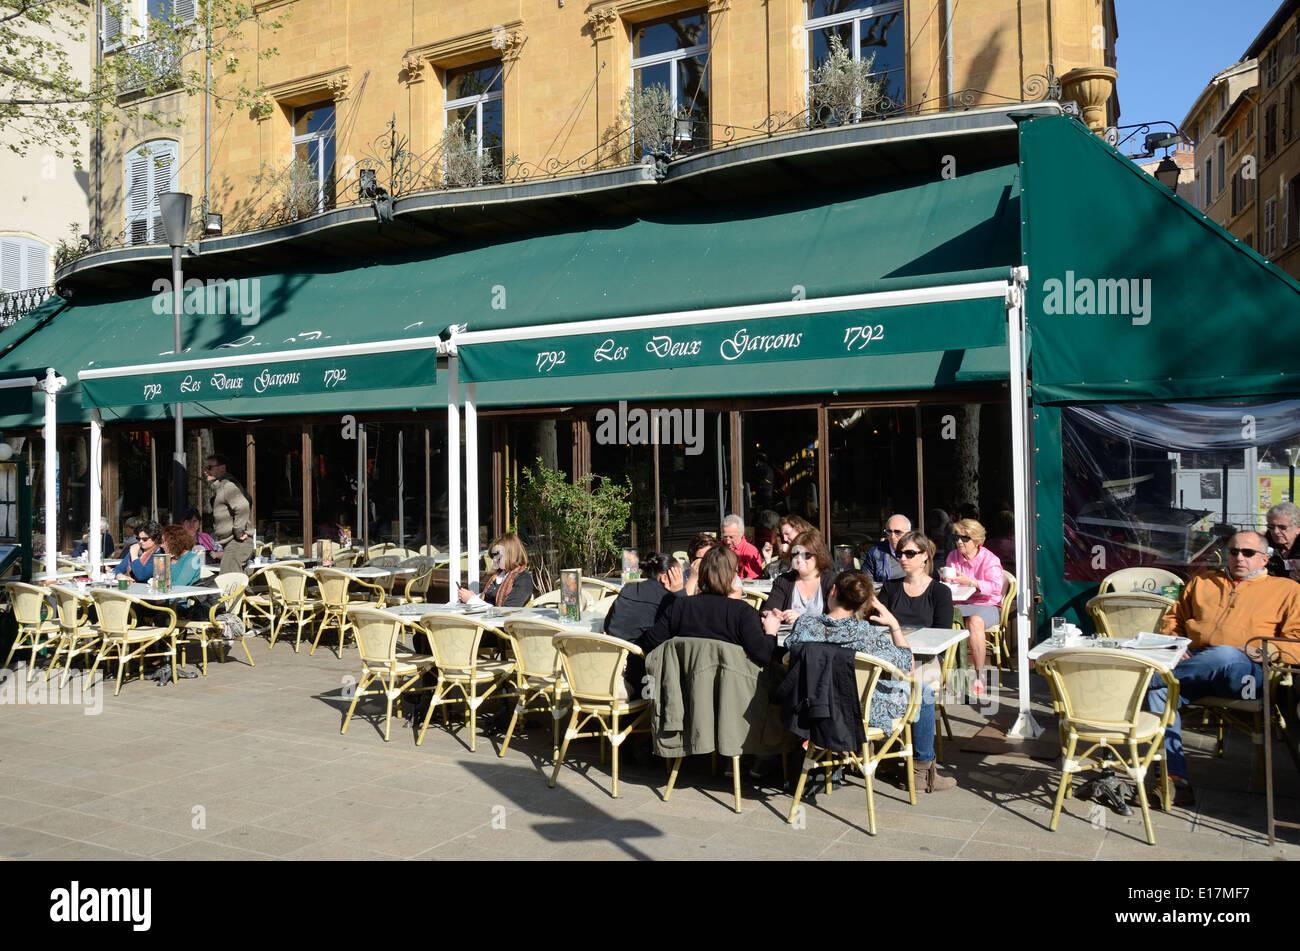 Les deux garçons trottoir Café et restaurant Cours Mirabeau Aix-en-Provence Provence France Photo Stock